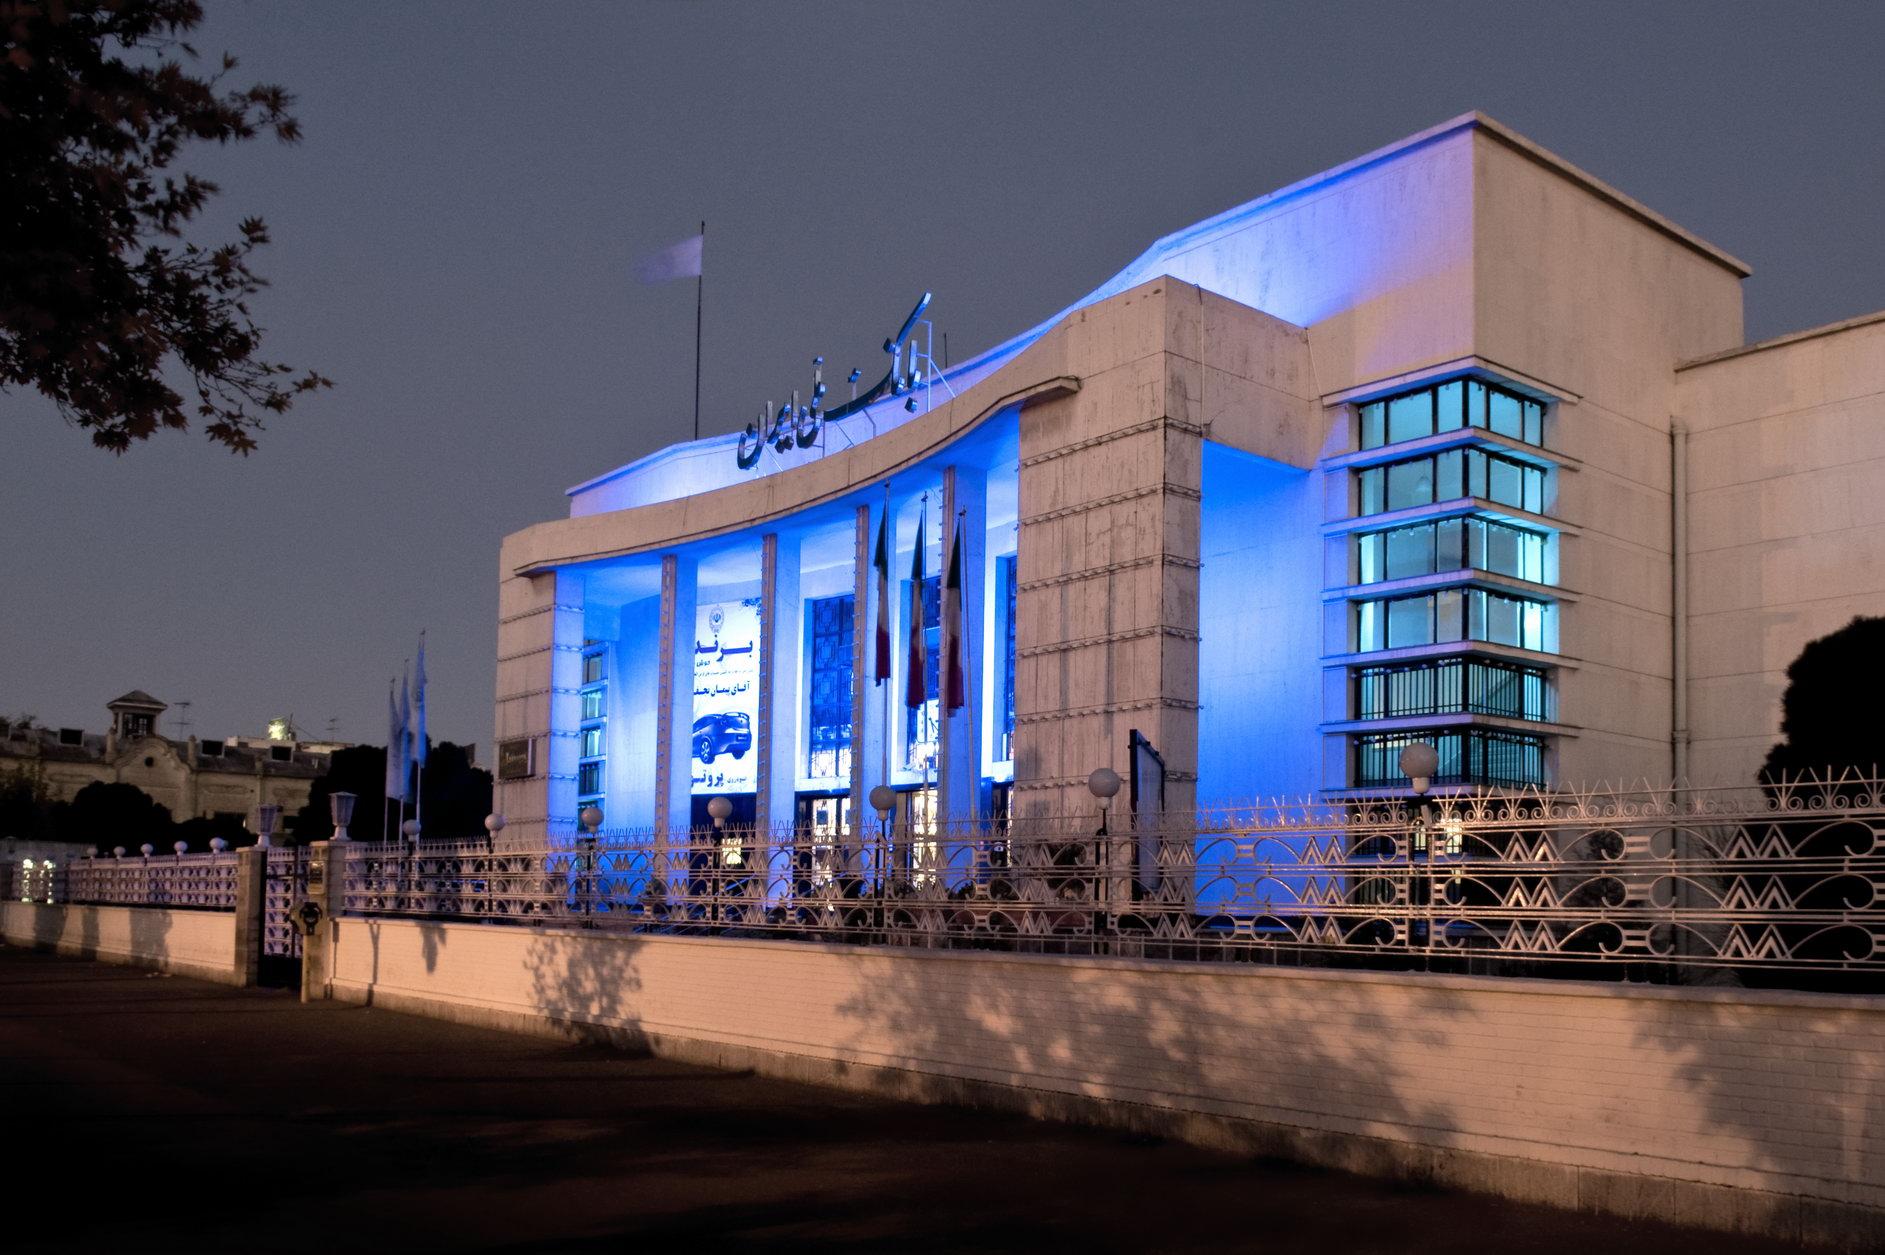 توزیع اسکناس نو و دریافت و پرداخت وجه نقد در شعب بانک ملی ایران محدود شد